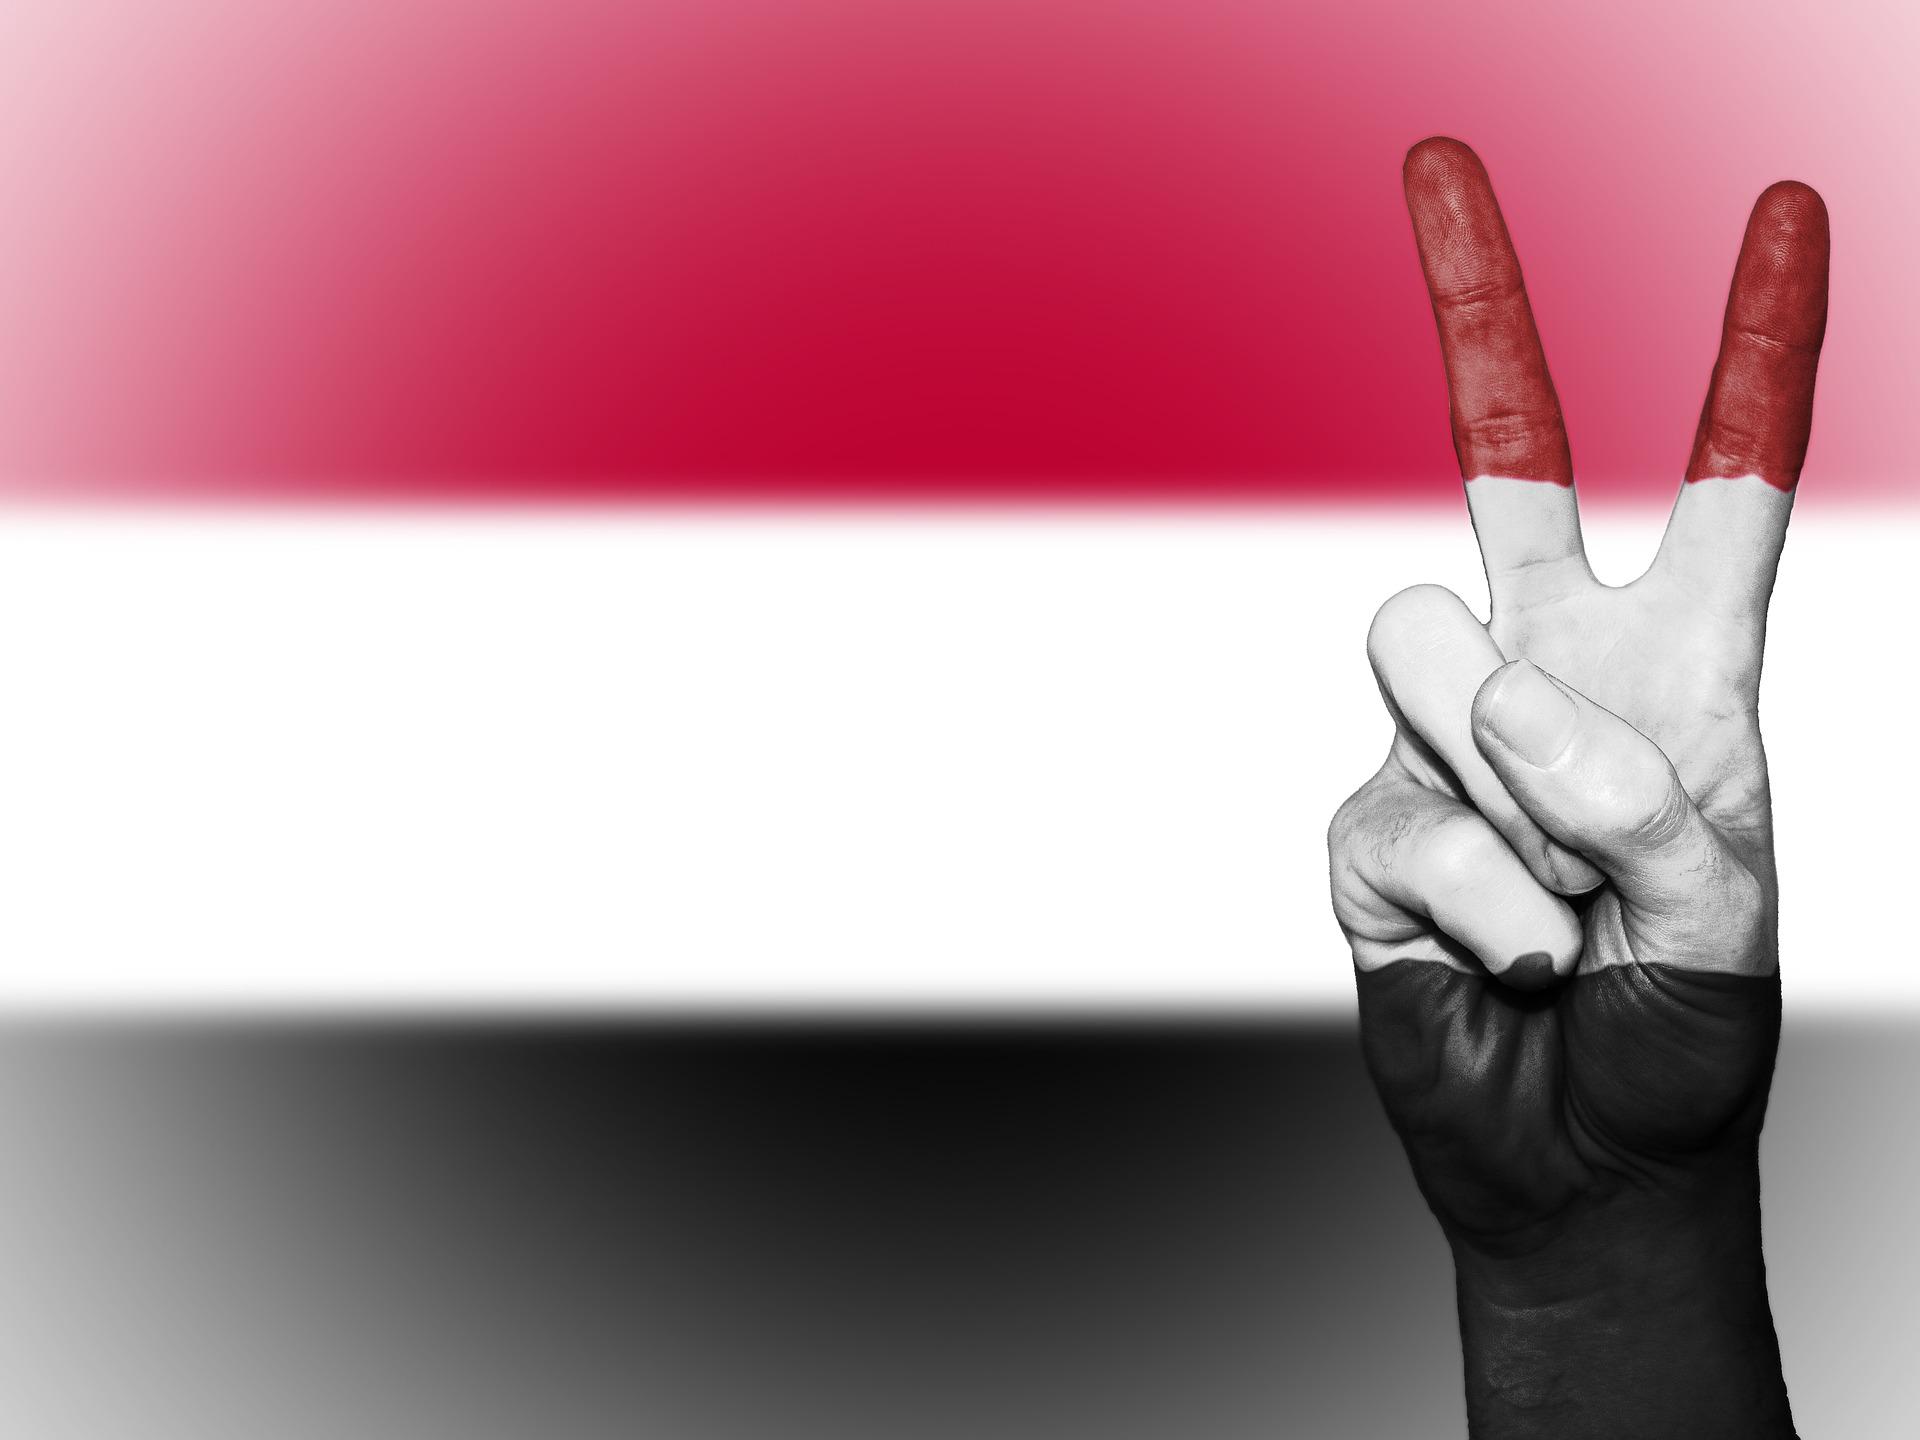 yemen-2132697_1920